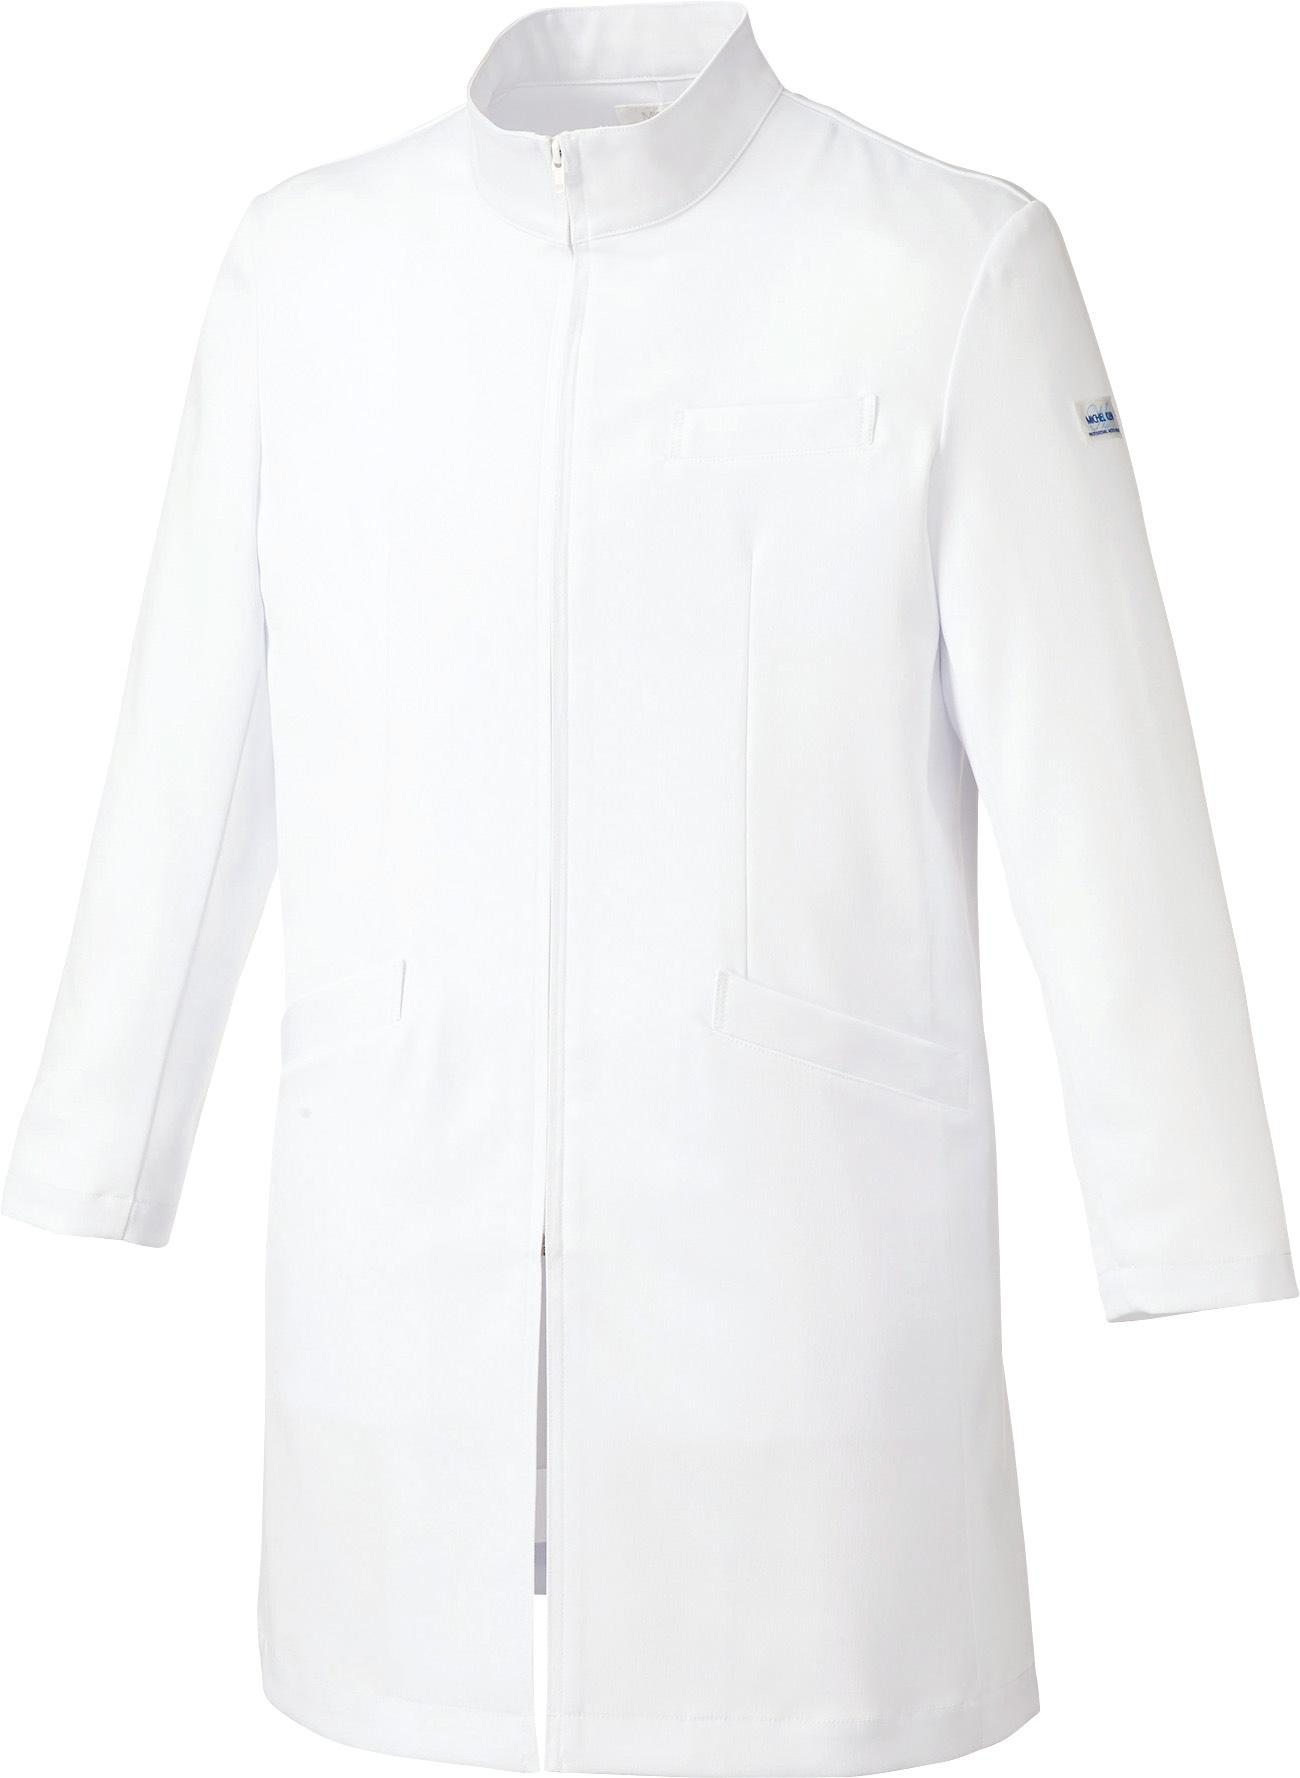 ミッシェルクラン メンズドクターコート/白衣販売。刺繍、プリント加工対応します。研修医、医療チームウェアに人気